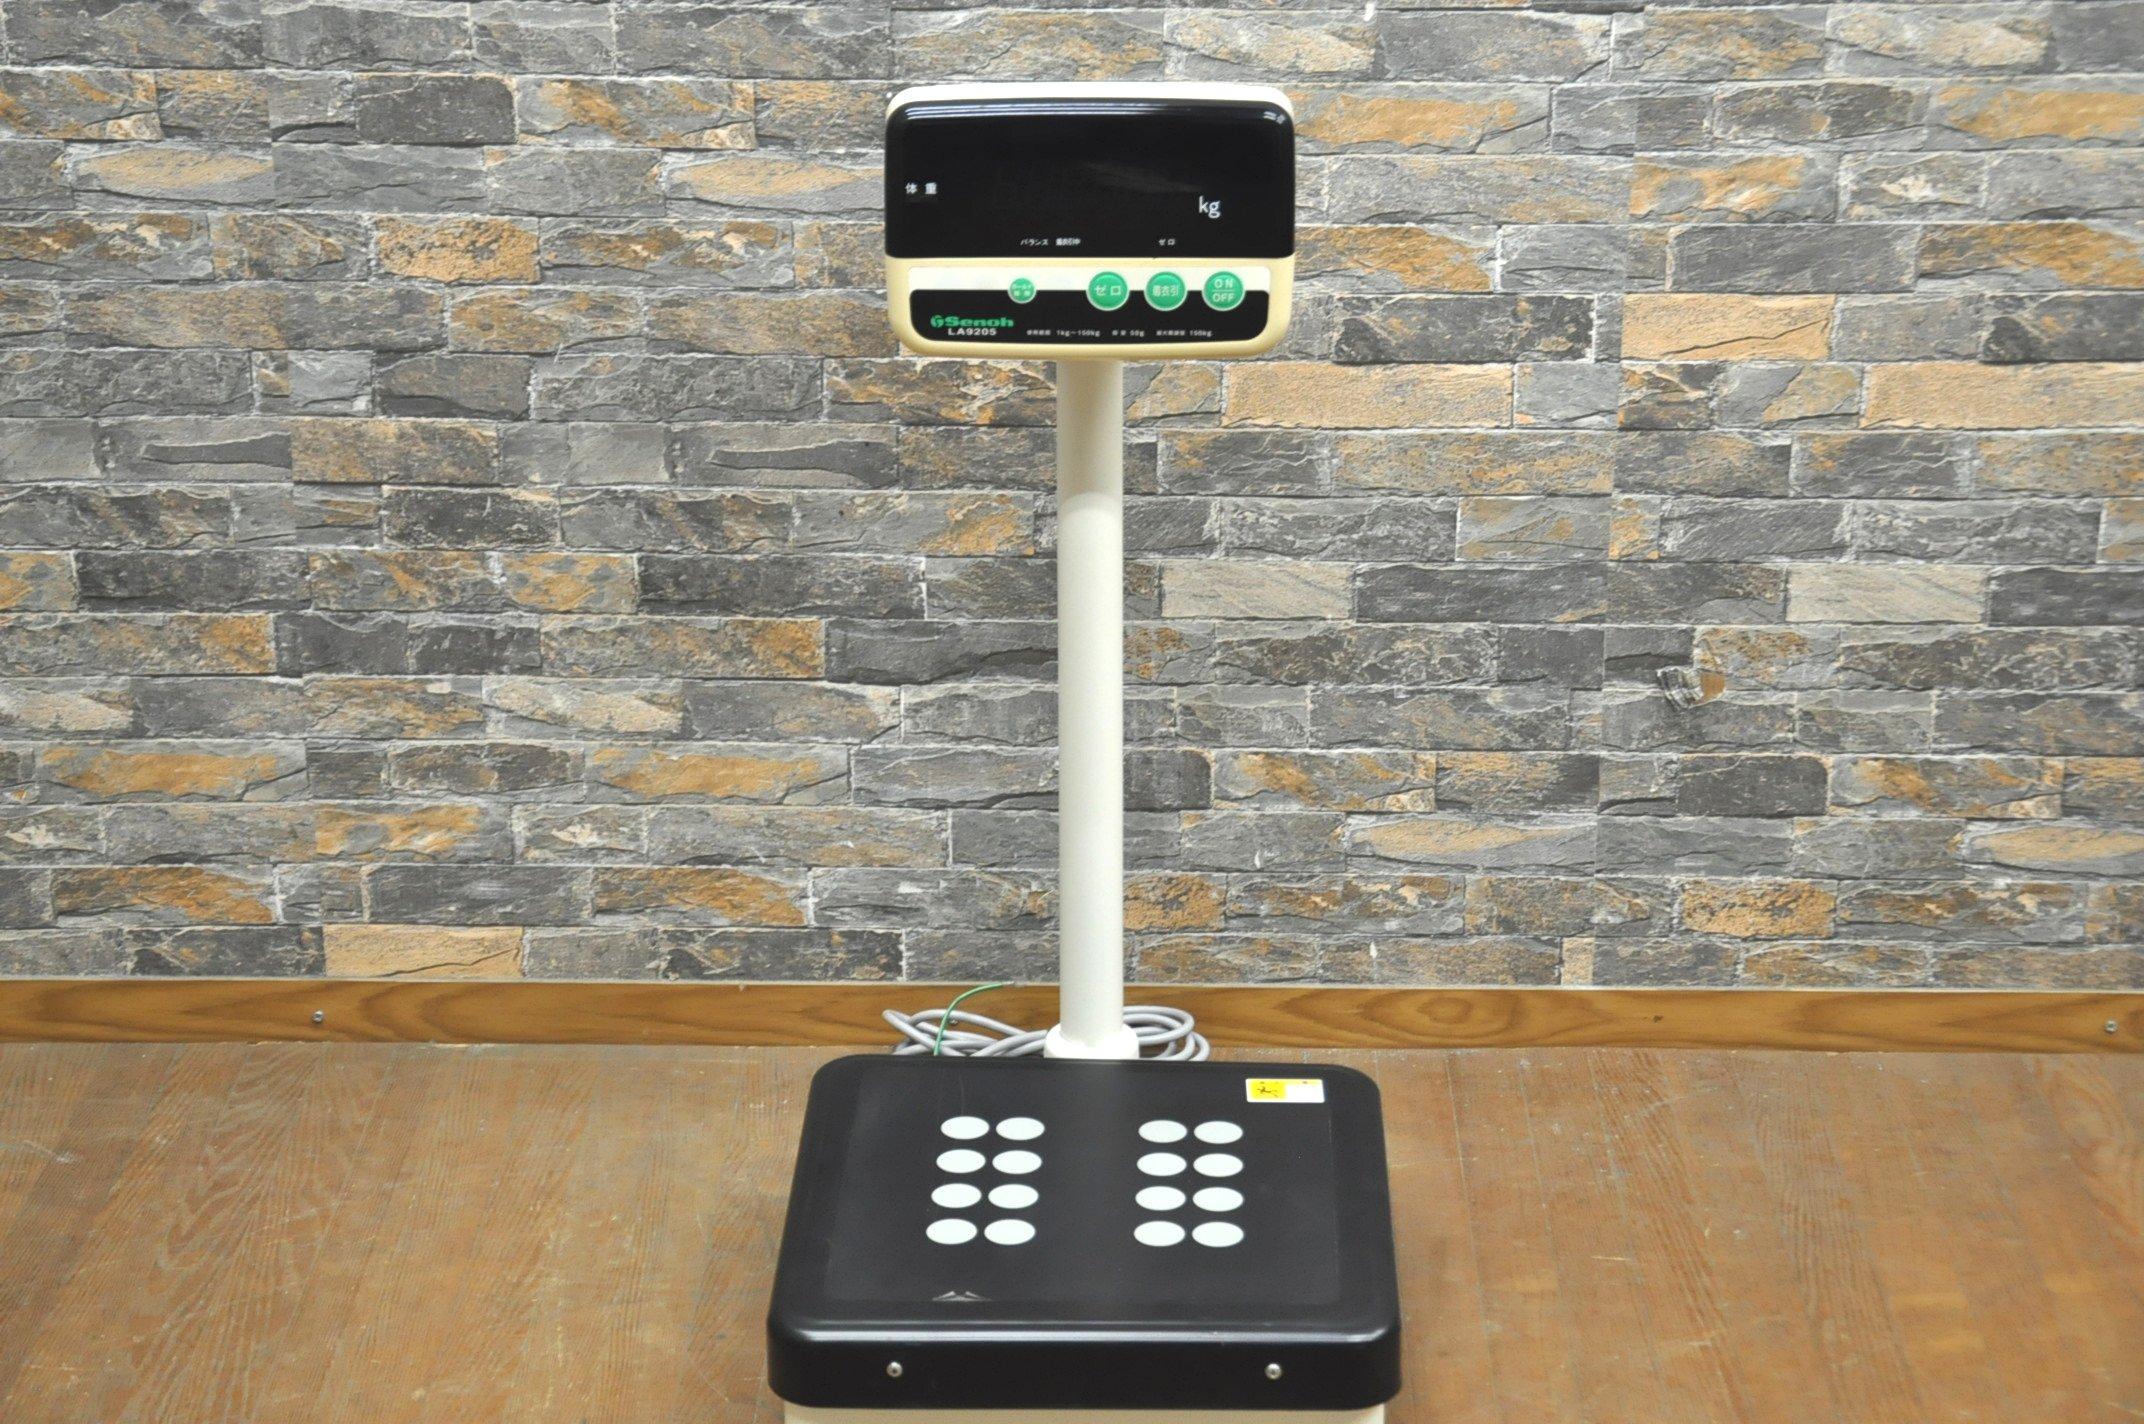 Senoh セノー デジタル自動体重計 LA9205 クボタ製 150kg ジム ダイエットを買い取りました!(^_-)-☆